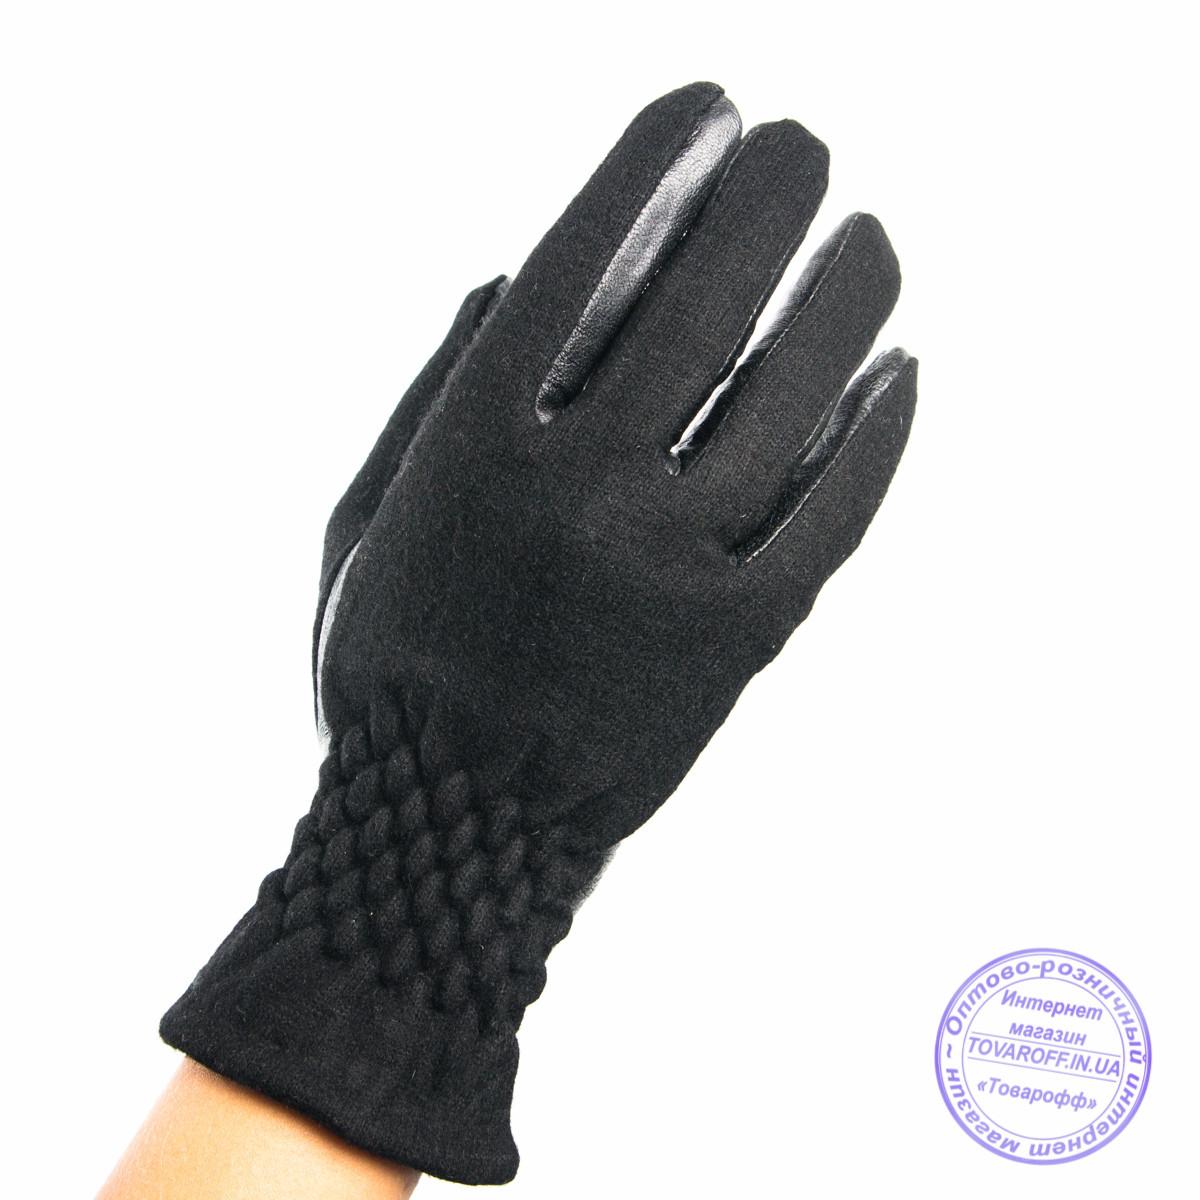 Женские кашемировые перчатки с кожаной ладошкой с плюшевой подкладкой - №F4-3